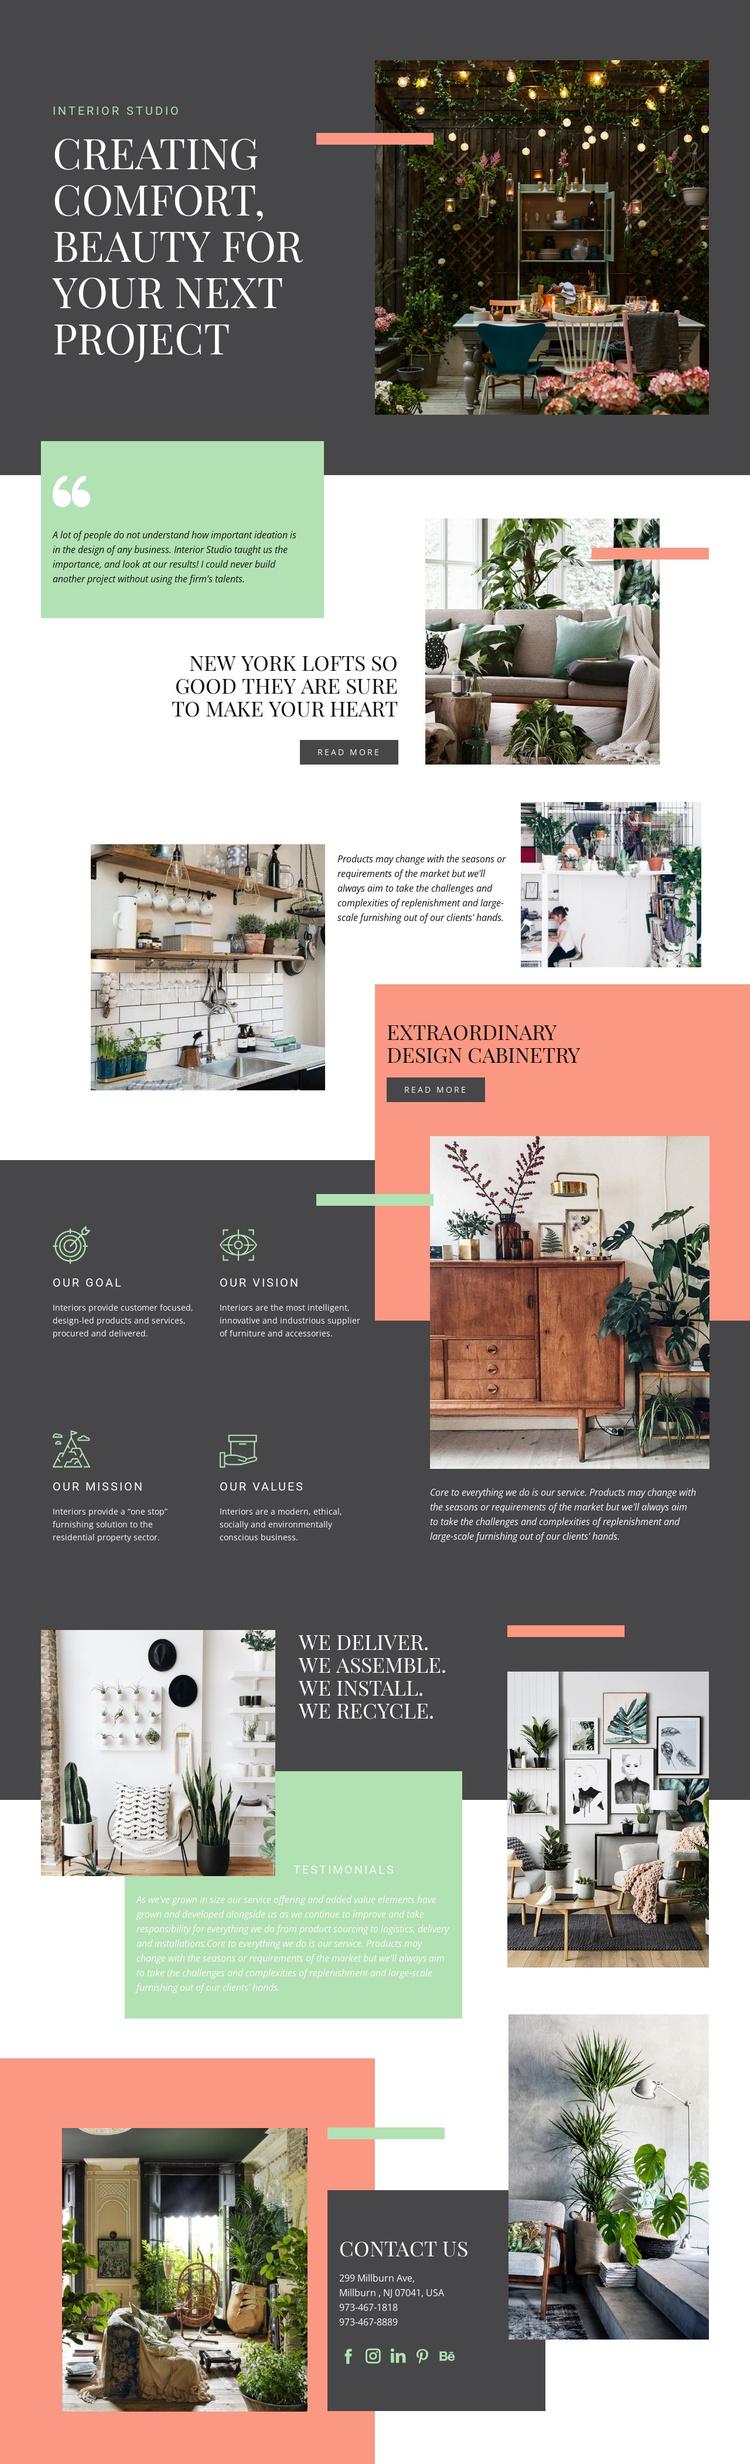 Comfort in your home Joomla Template